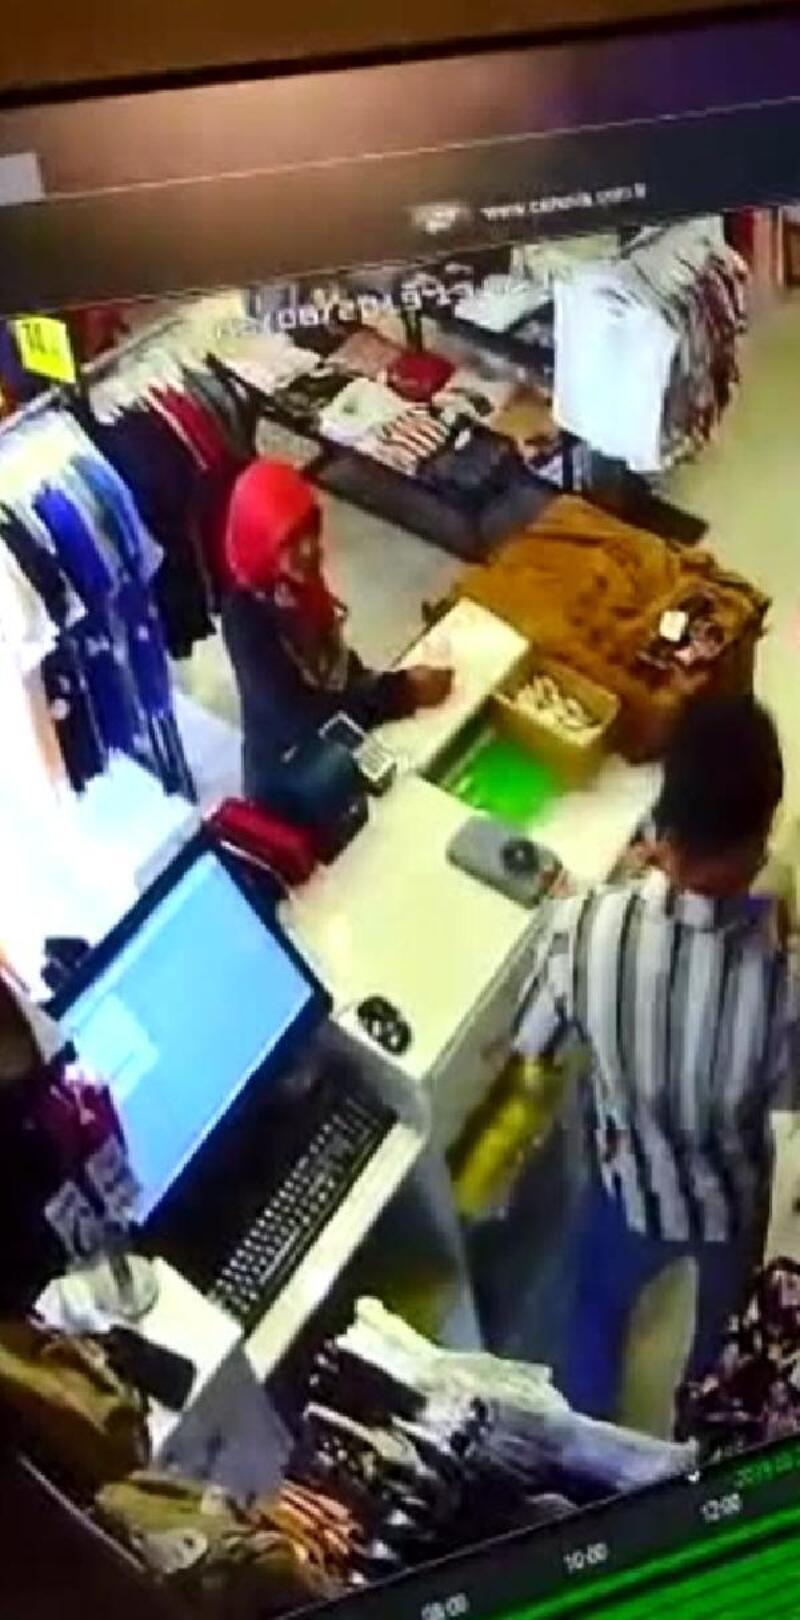 Mağaza sahibini dolandırmaya çalışan 2 kadın tutuklandı